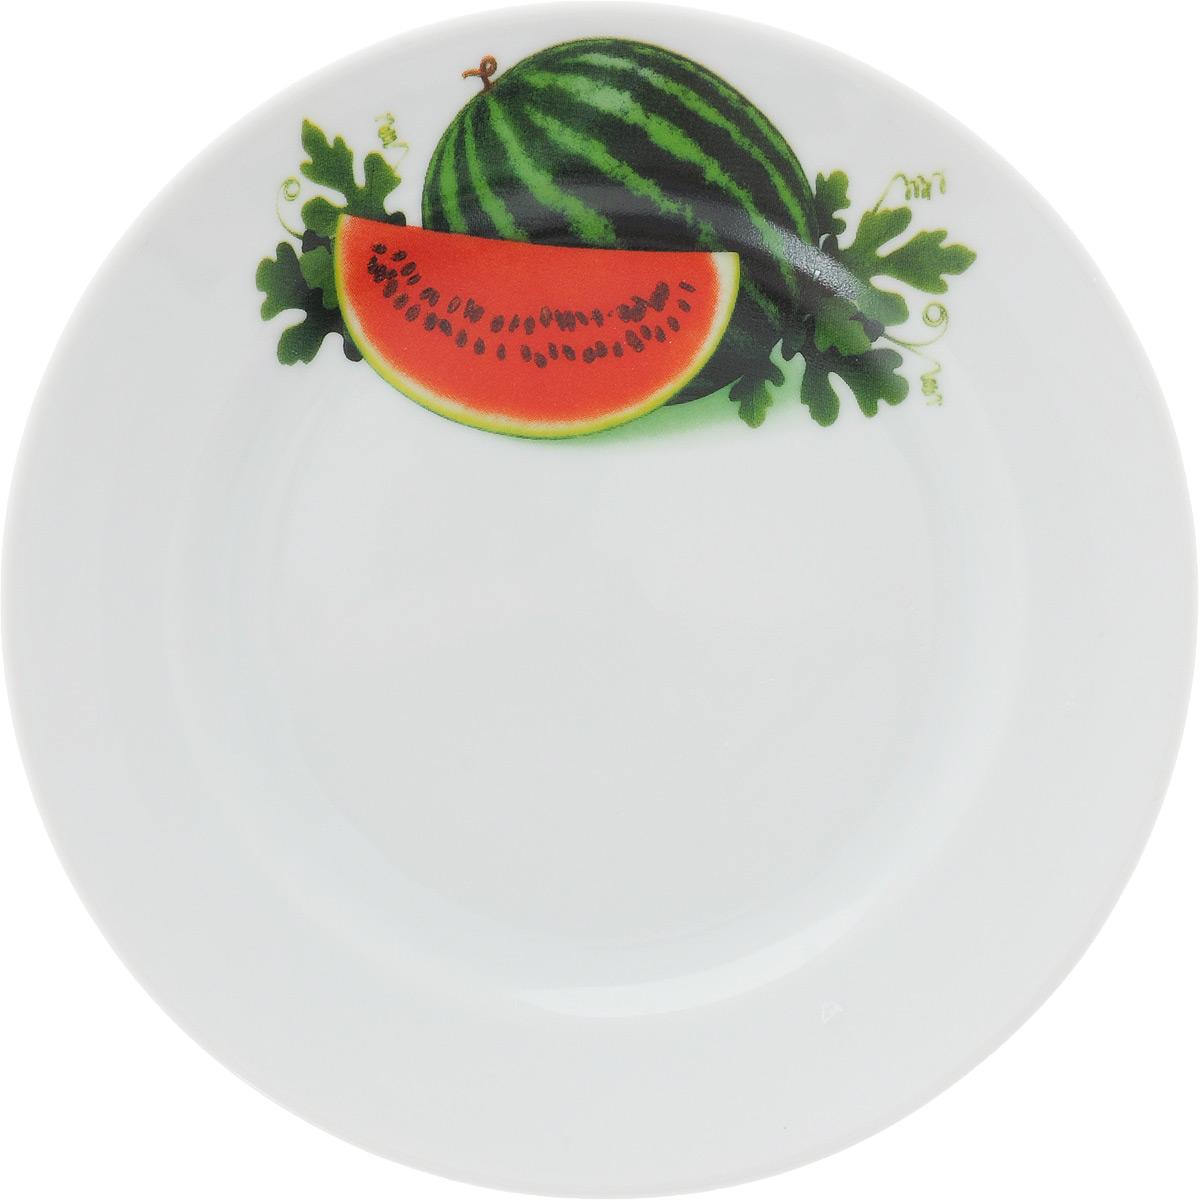 Тарелка Идиллия. Арбуз, диаметр 17 см1303835_арбузТарелка Идиллия. Арбуз изготовлена из высококачественного фарфора и оформлена красочным изображением арбуза. Изделие сочетает в себе изысканный дизайн с максимальной функциональностью. Тарелка отлично дополнит сервировку стола и станет практичным приобретением для вашей кухни.